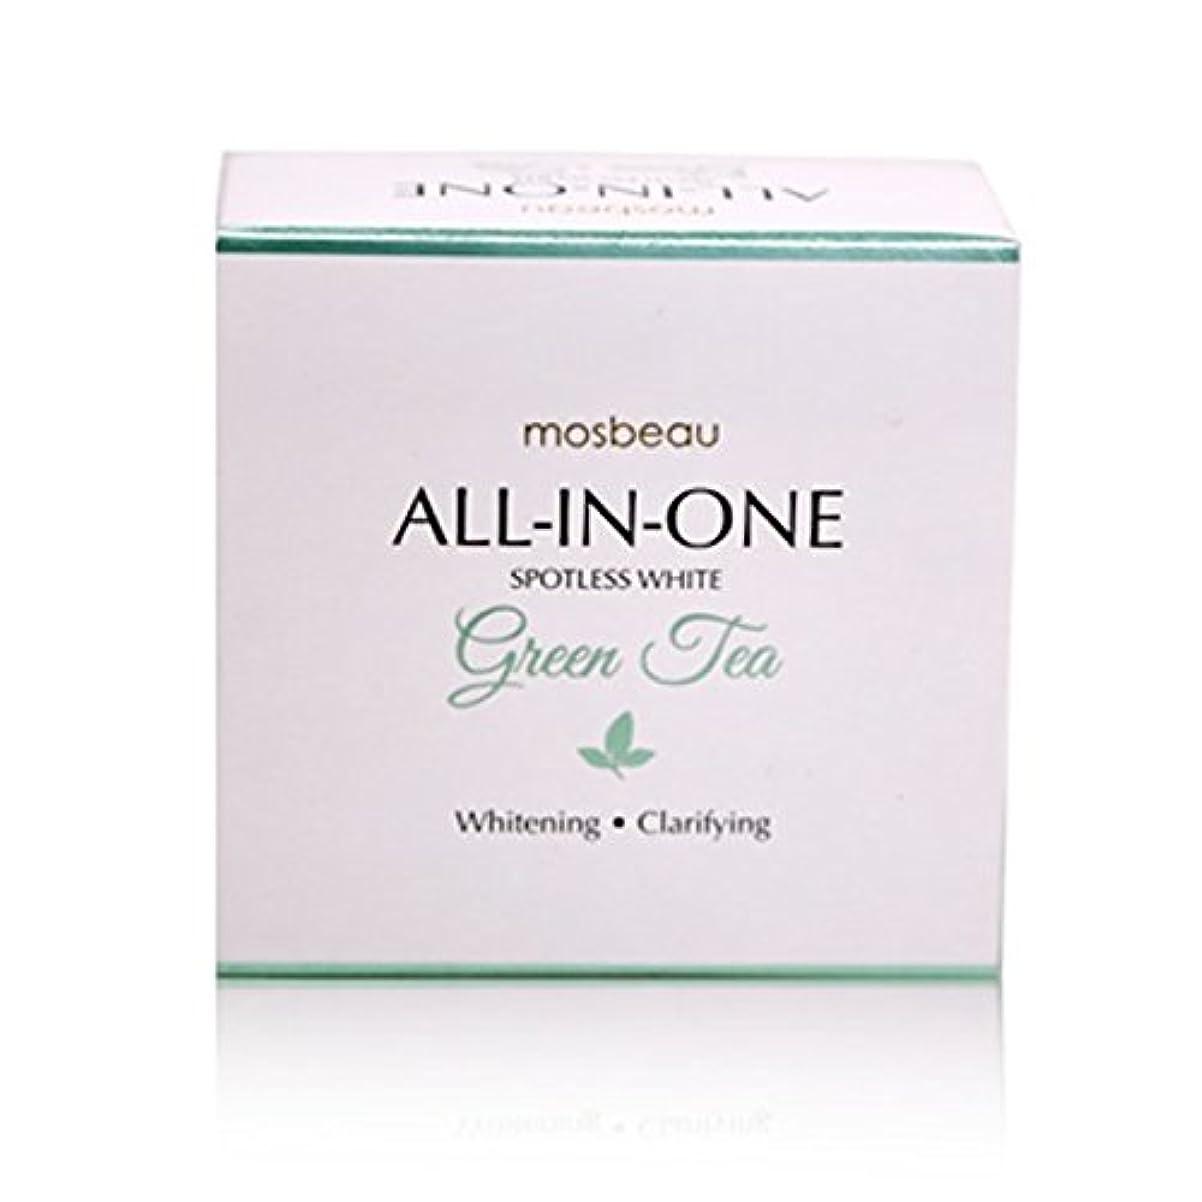 韓国語悲劇温かいmosbeau Spotless White GREEN TEA Facial Soap 100g モスビュー スポットレス ホワイト グリーンティー フェイシャル ソープ